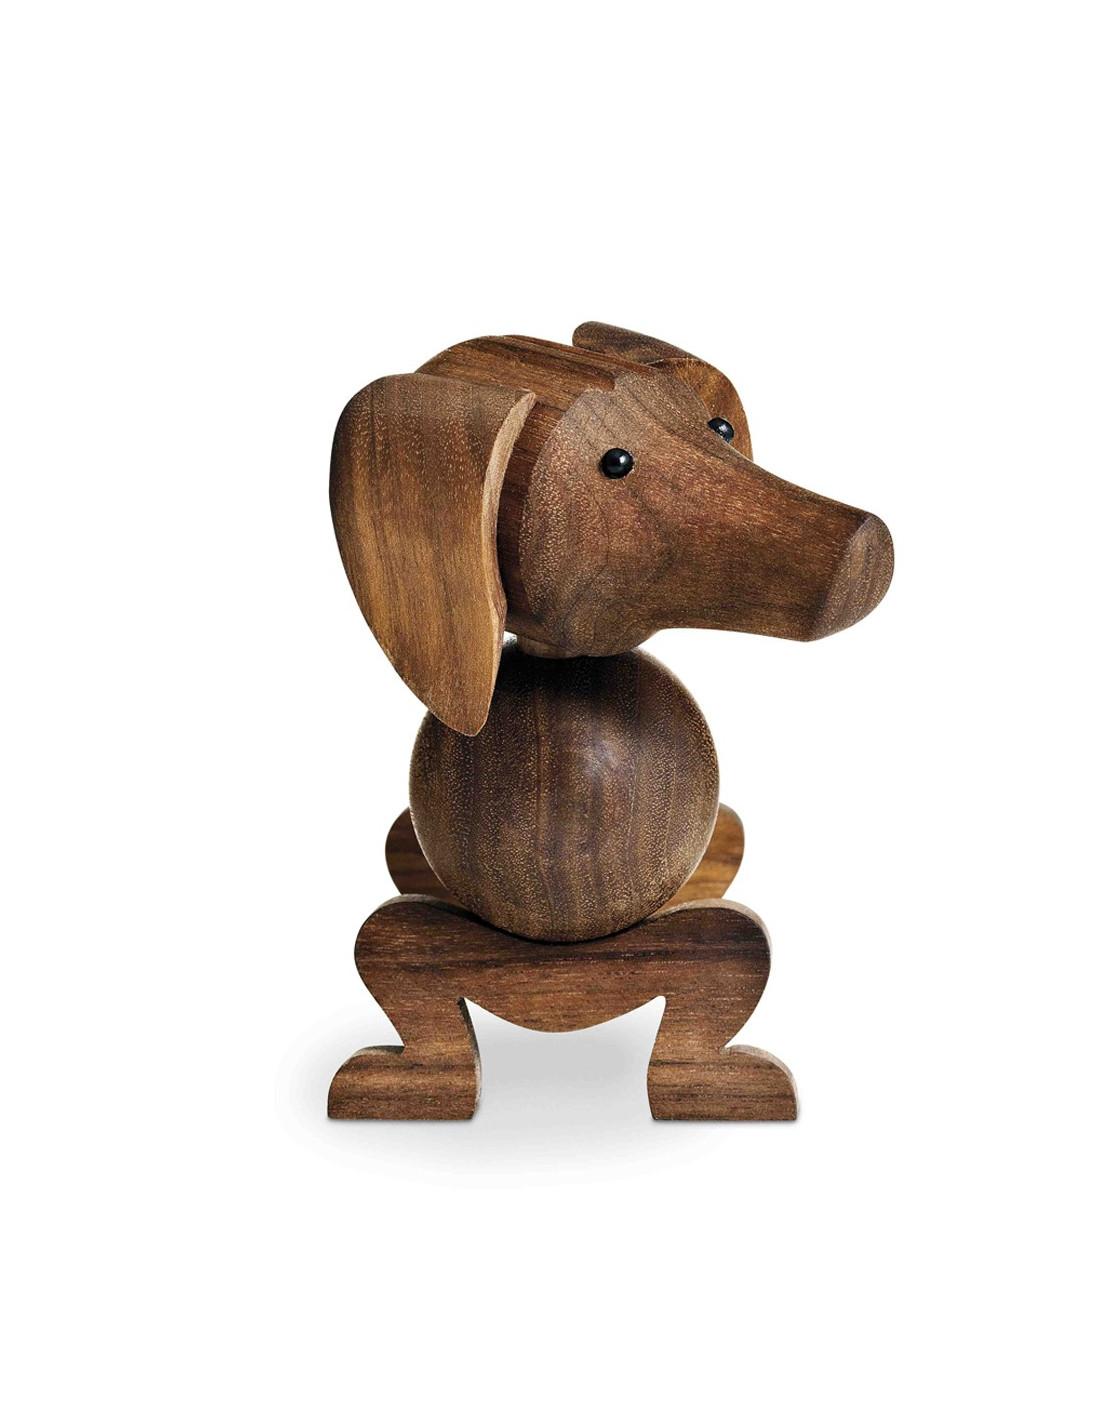 Wooden Dog Sculpture By Kay Bojesen La Boutique Danoise